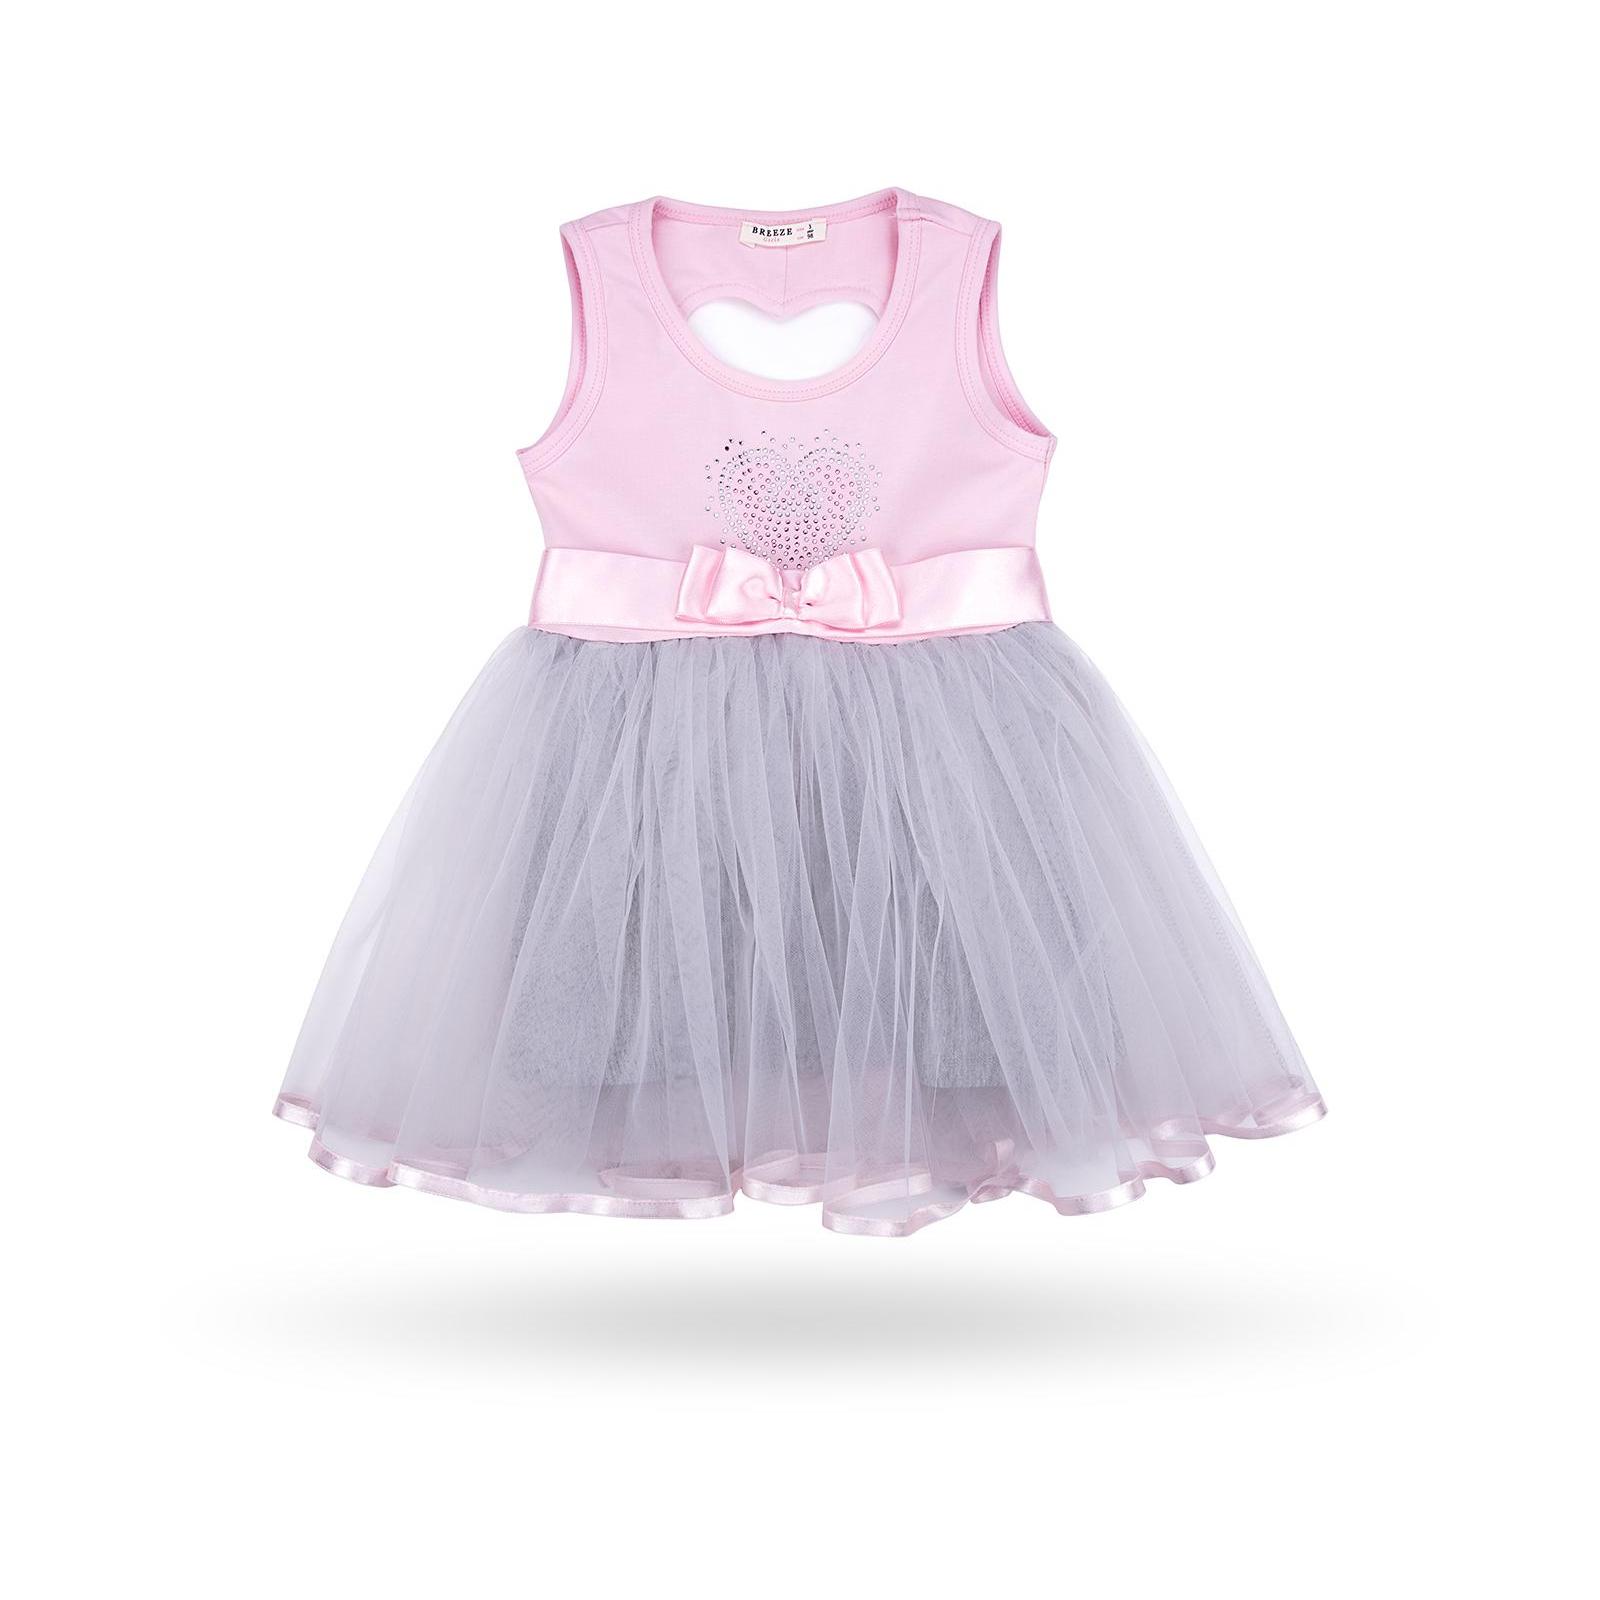 Платье Breeze сарафан с фатиновой юбкой и сердцем (10862-104G-pink)